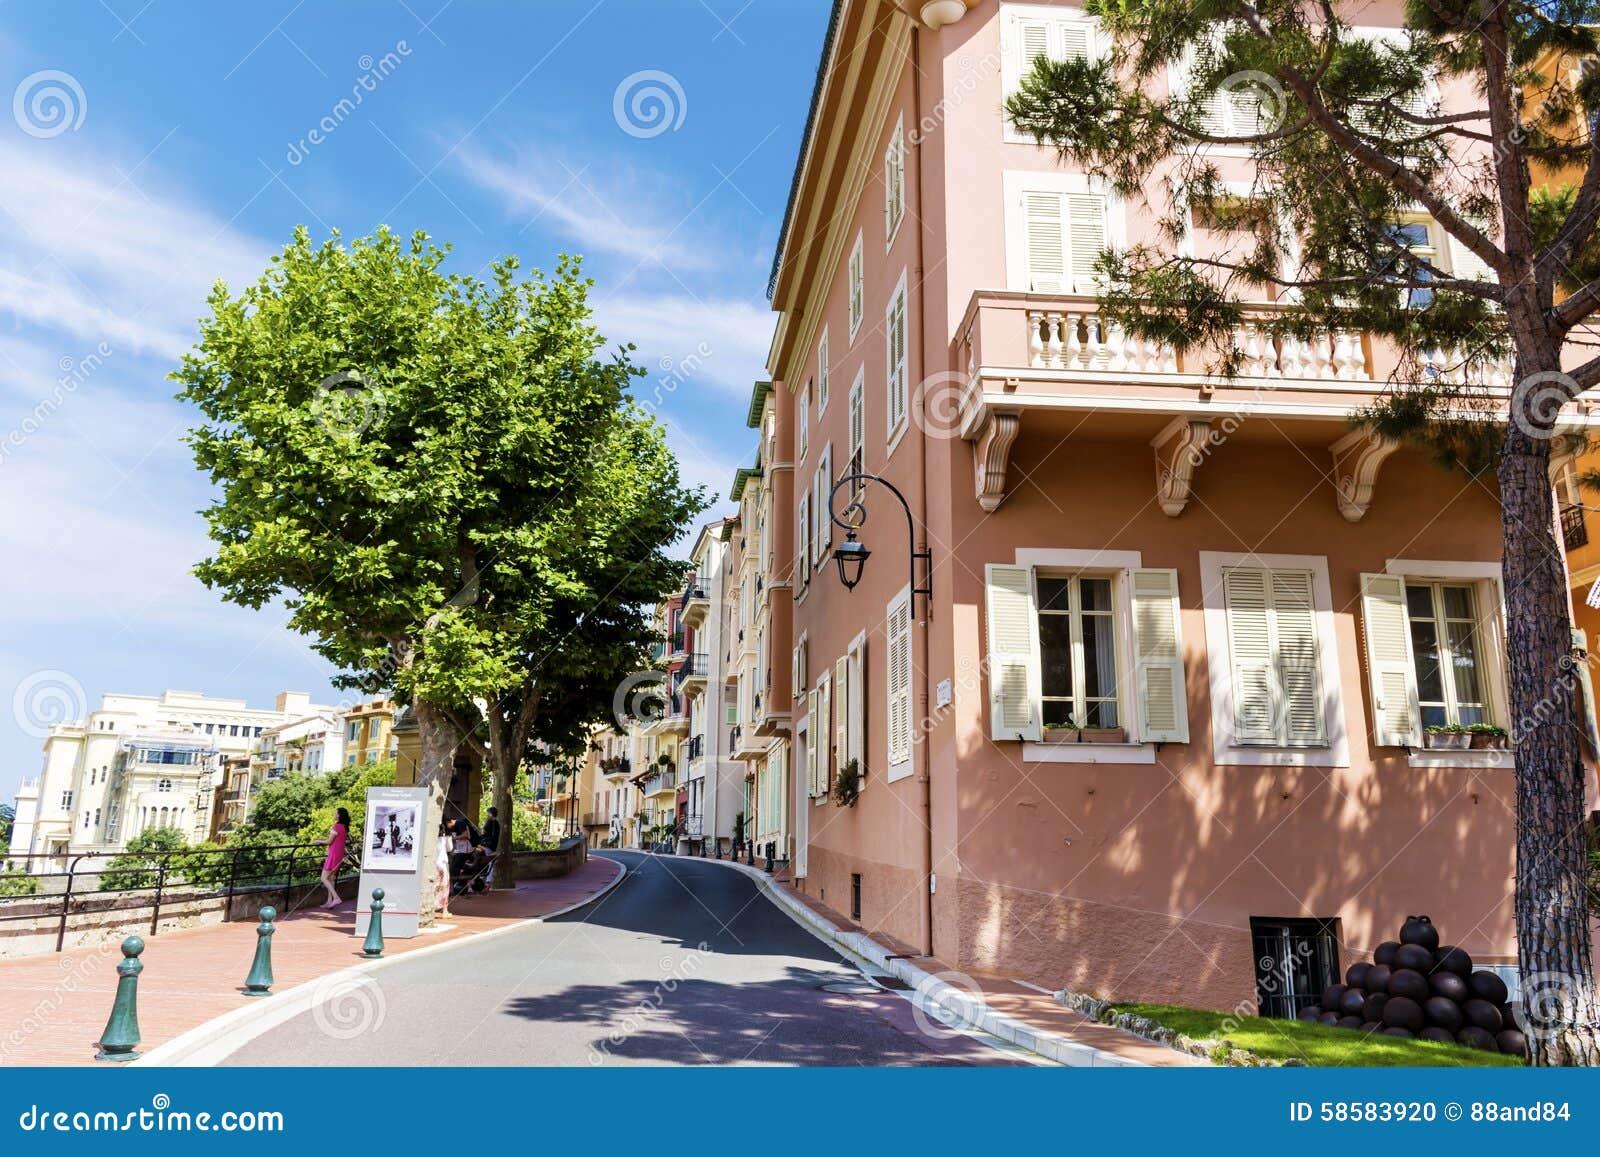 Χαρακτηριστικός κεντρικός δρόμος στην παλαιά πόλη στο Μονακό σε μια ηλιόλουστη ημέρα